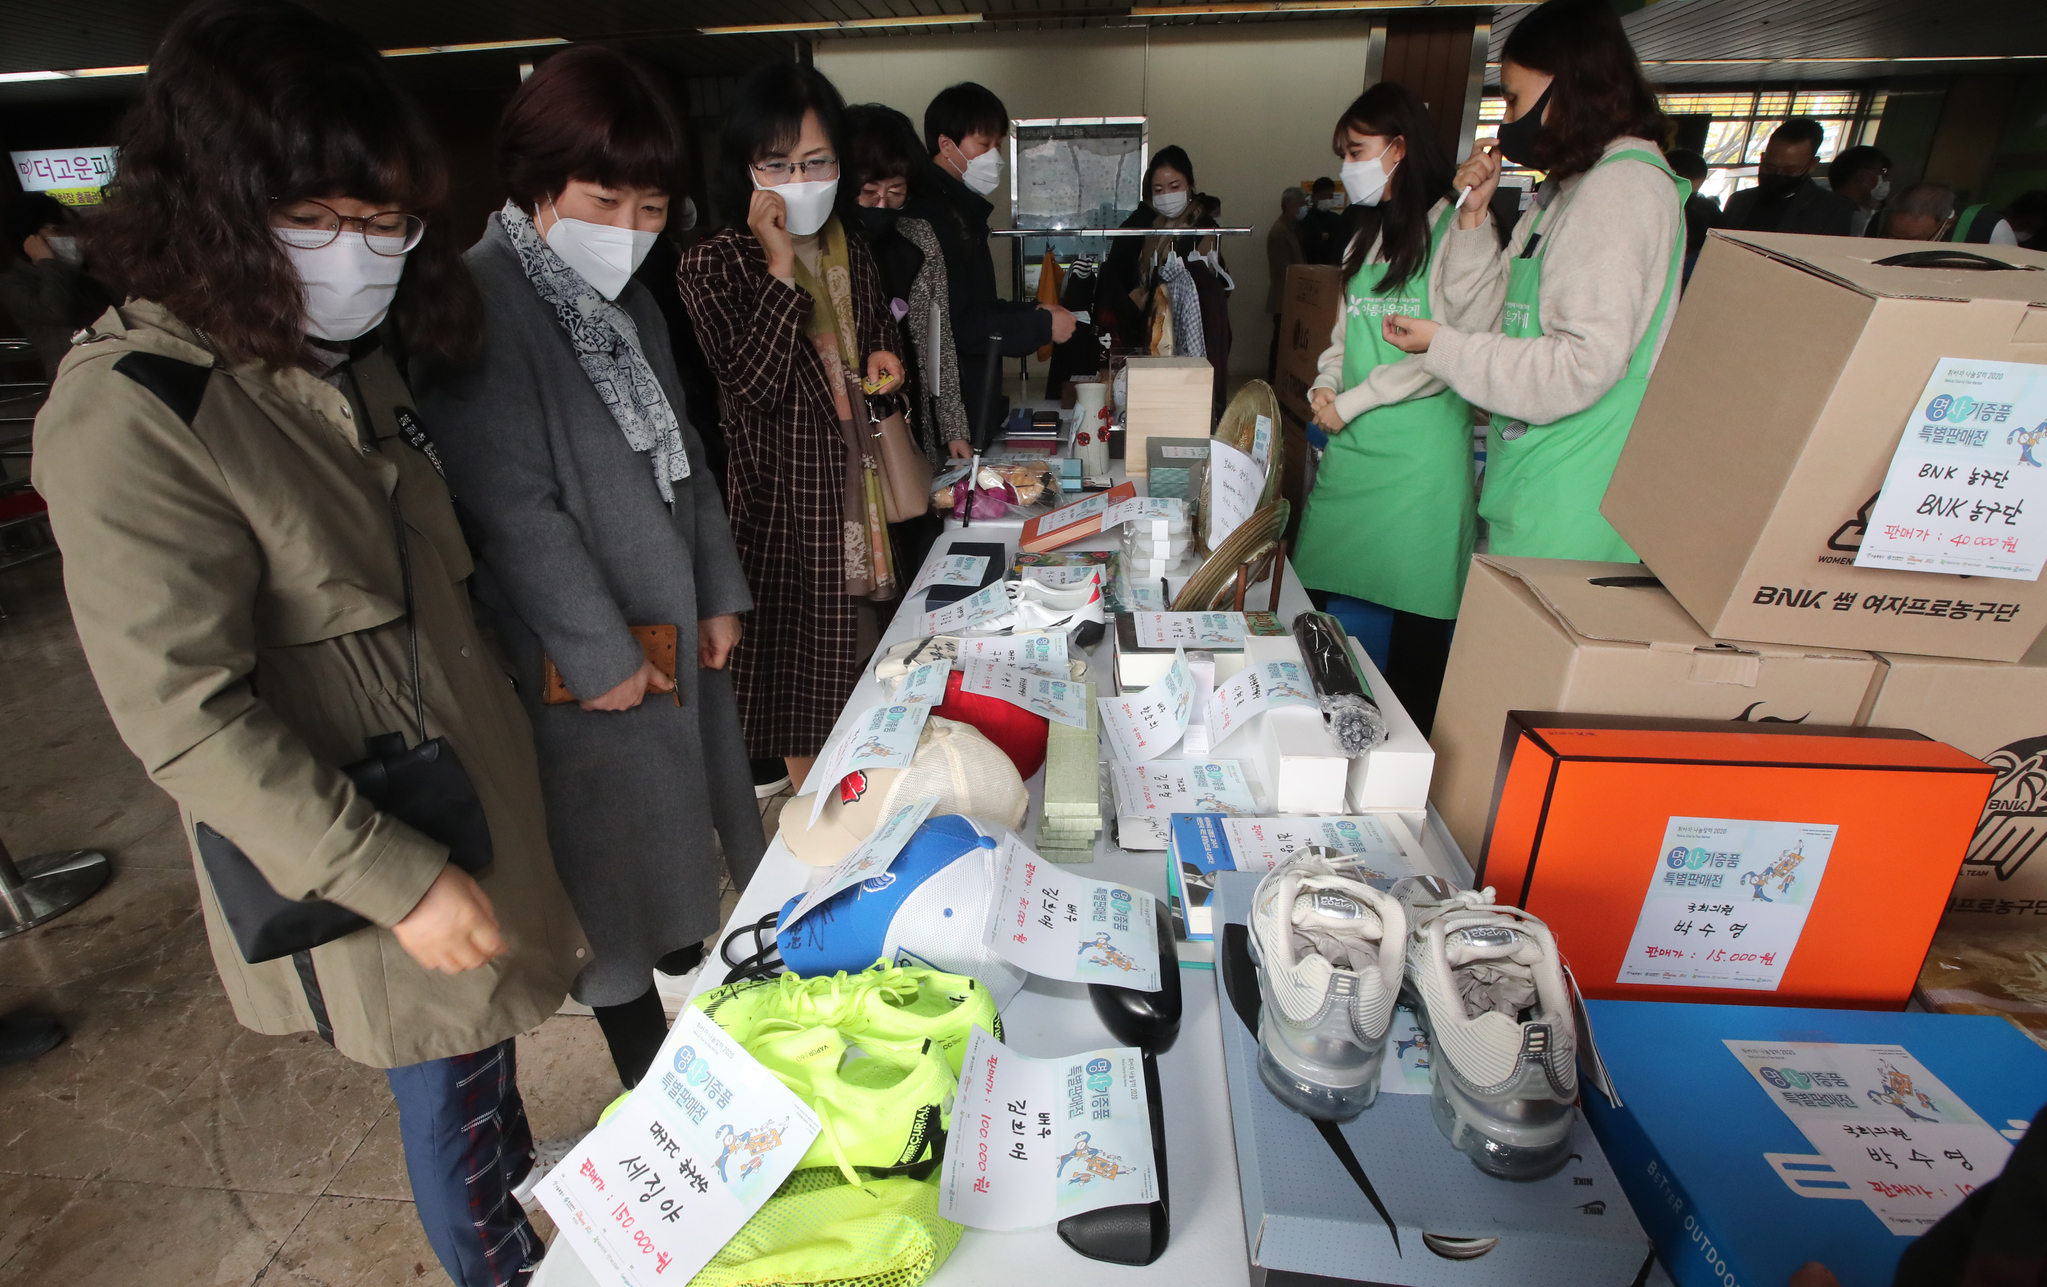 위아자나눔장터 2020 부산 특별판매전이 14일 부산 지하철1호선 아름다운가게 명륜역점에서 열려 시민들이 명사기증품을 살펴보고 있다. 송봉근 기자